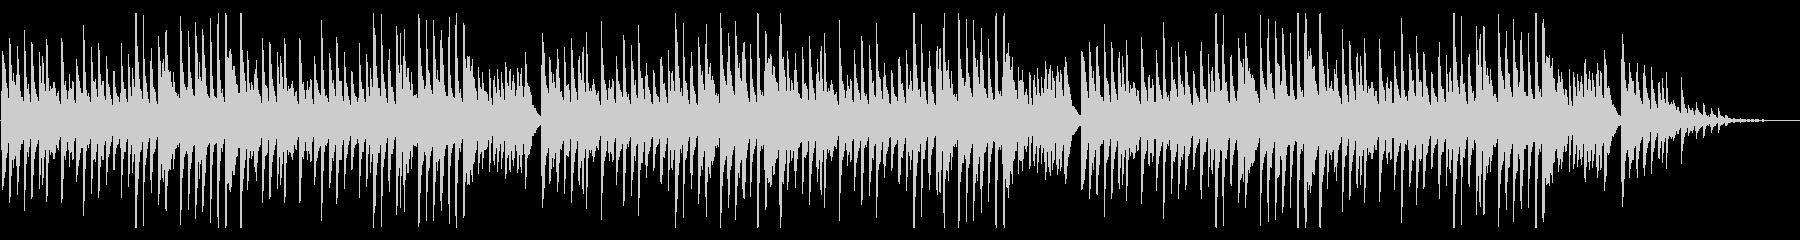 「たなばたさま」シンプルな琴のアレンジの未再生の波形